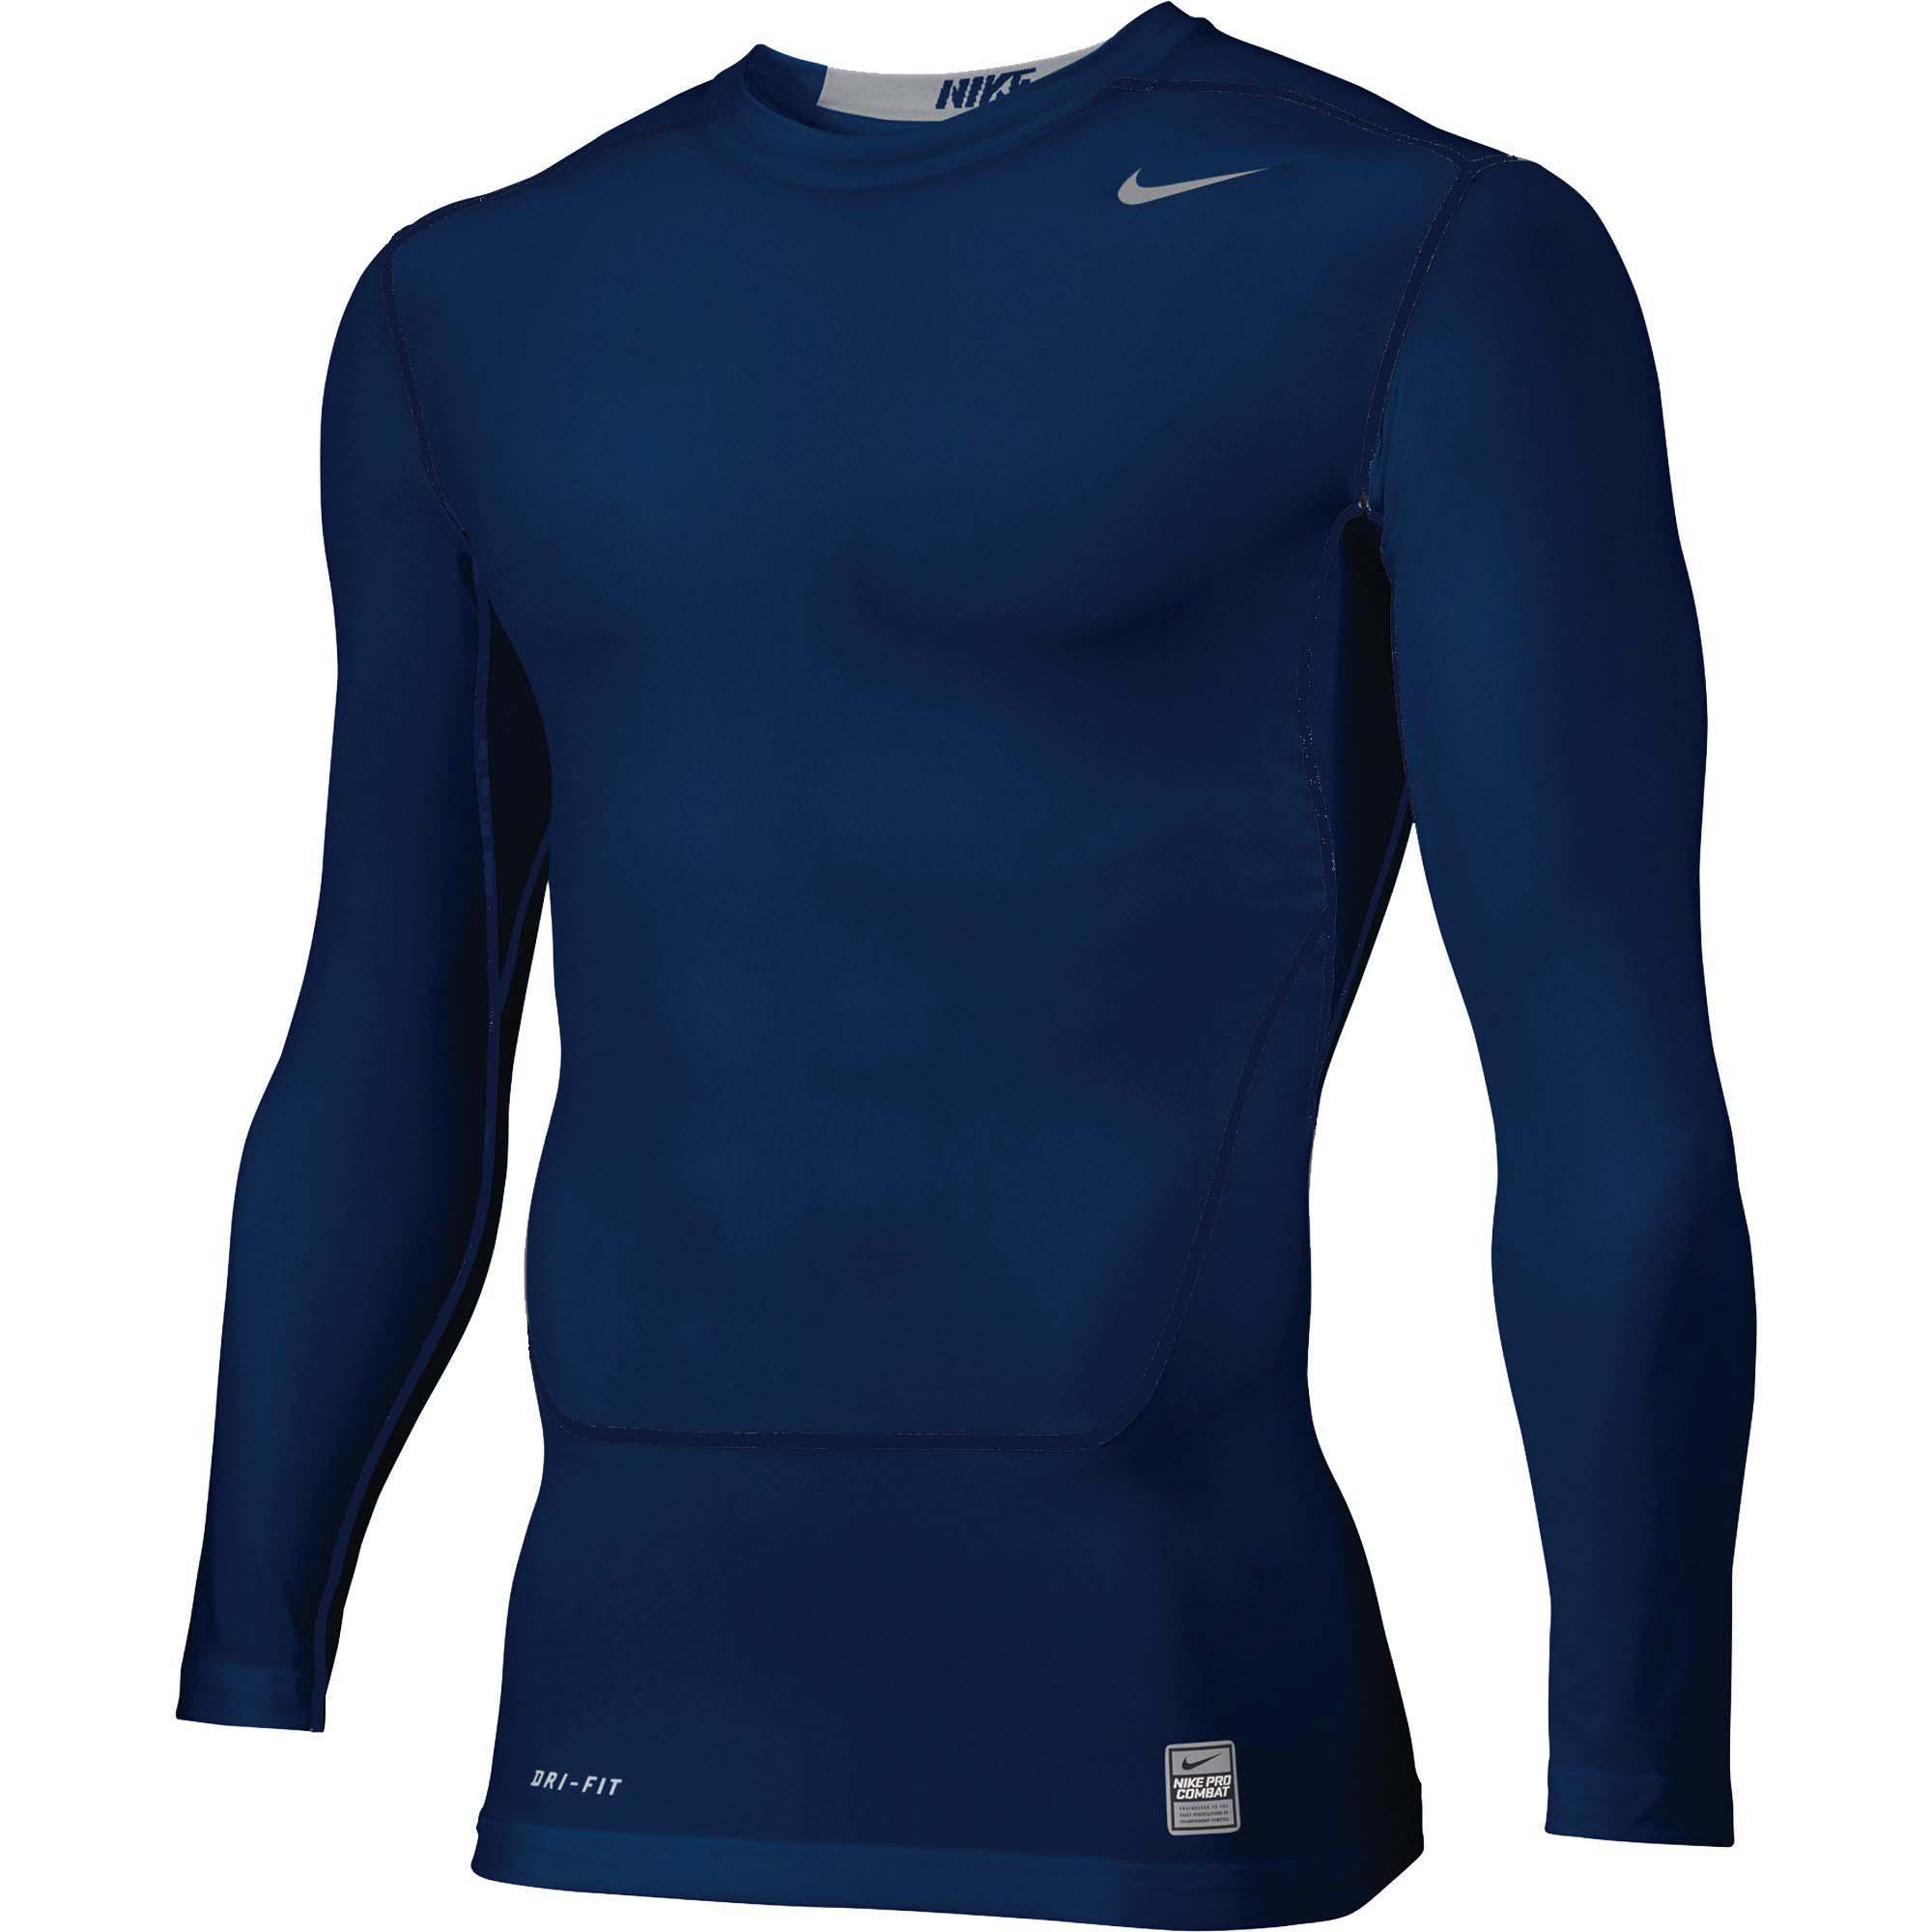 Nike-Men-039-s-Pro-Combat-NPC-Core-2-0-LS-Compression-Top-Shirt